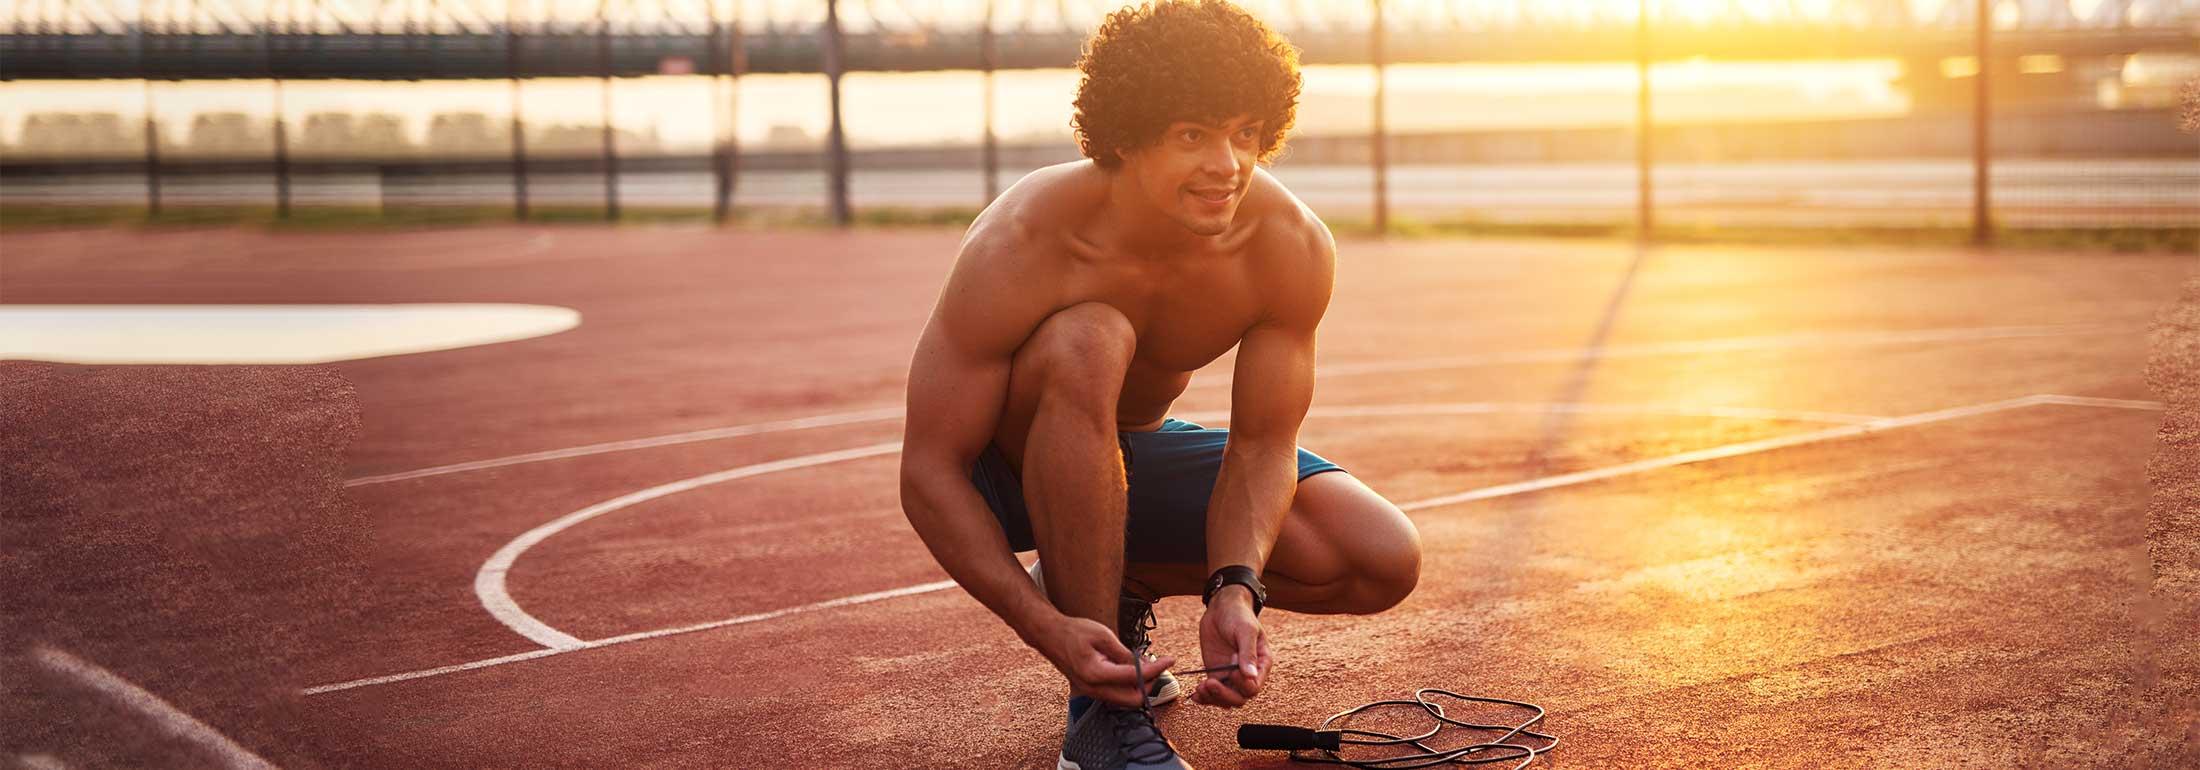 Nüchterntraining: 300% mehr Fett verbrennen durch Training auf leeren Magen?